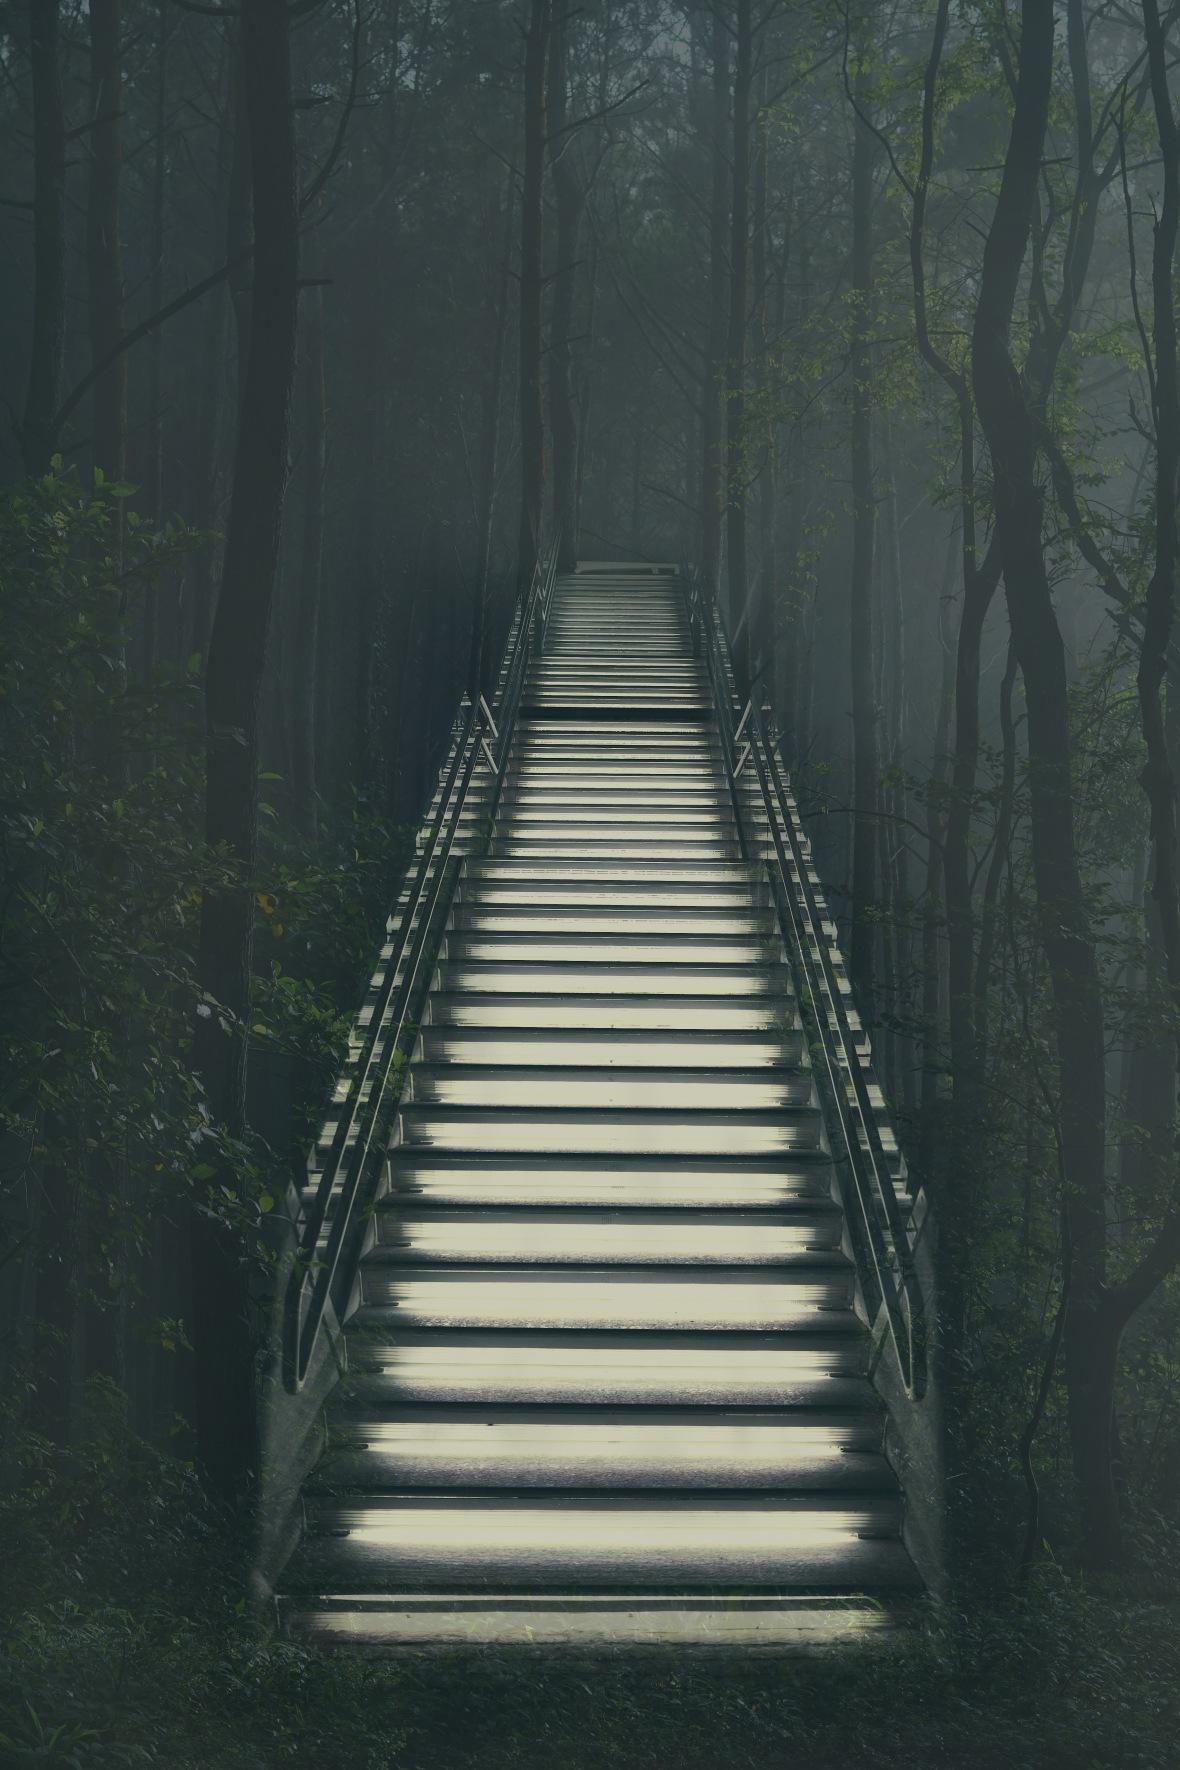 stair woods.jpg